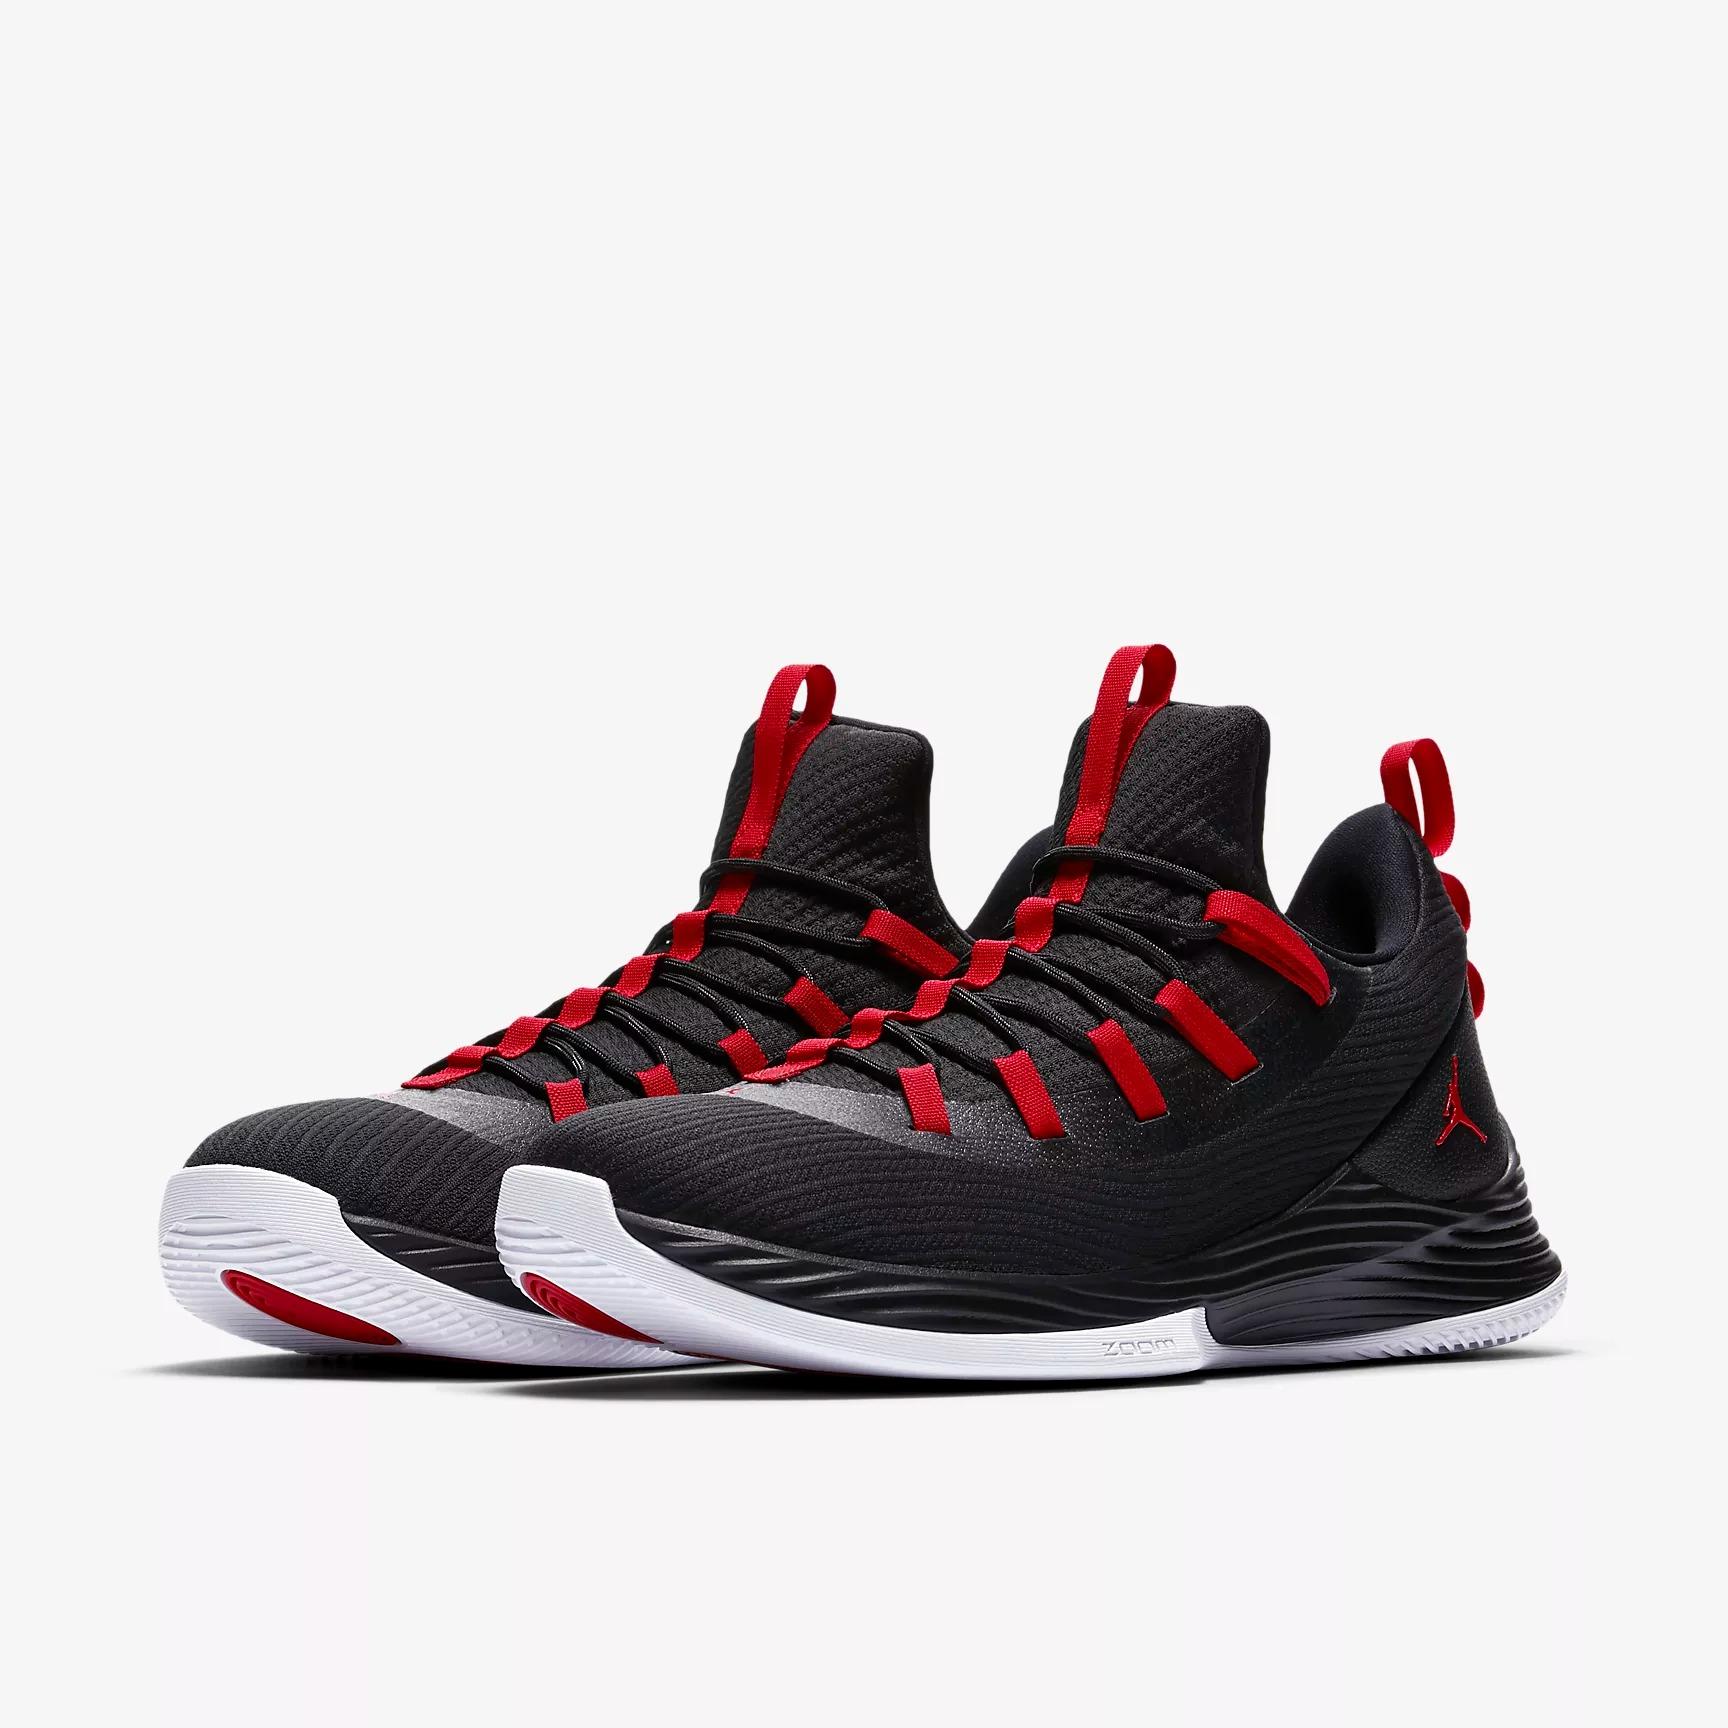 Air Jordan Shoes Paypal